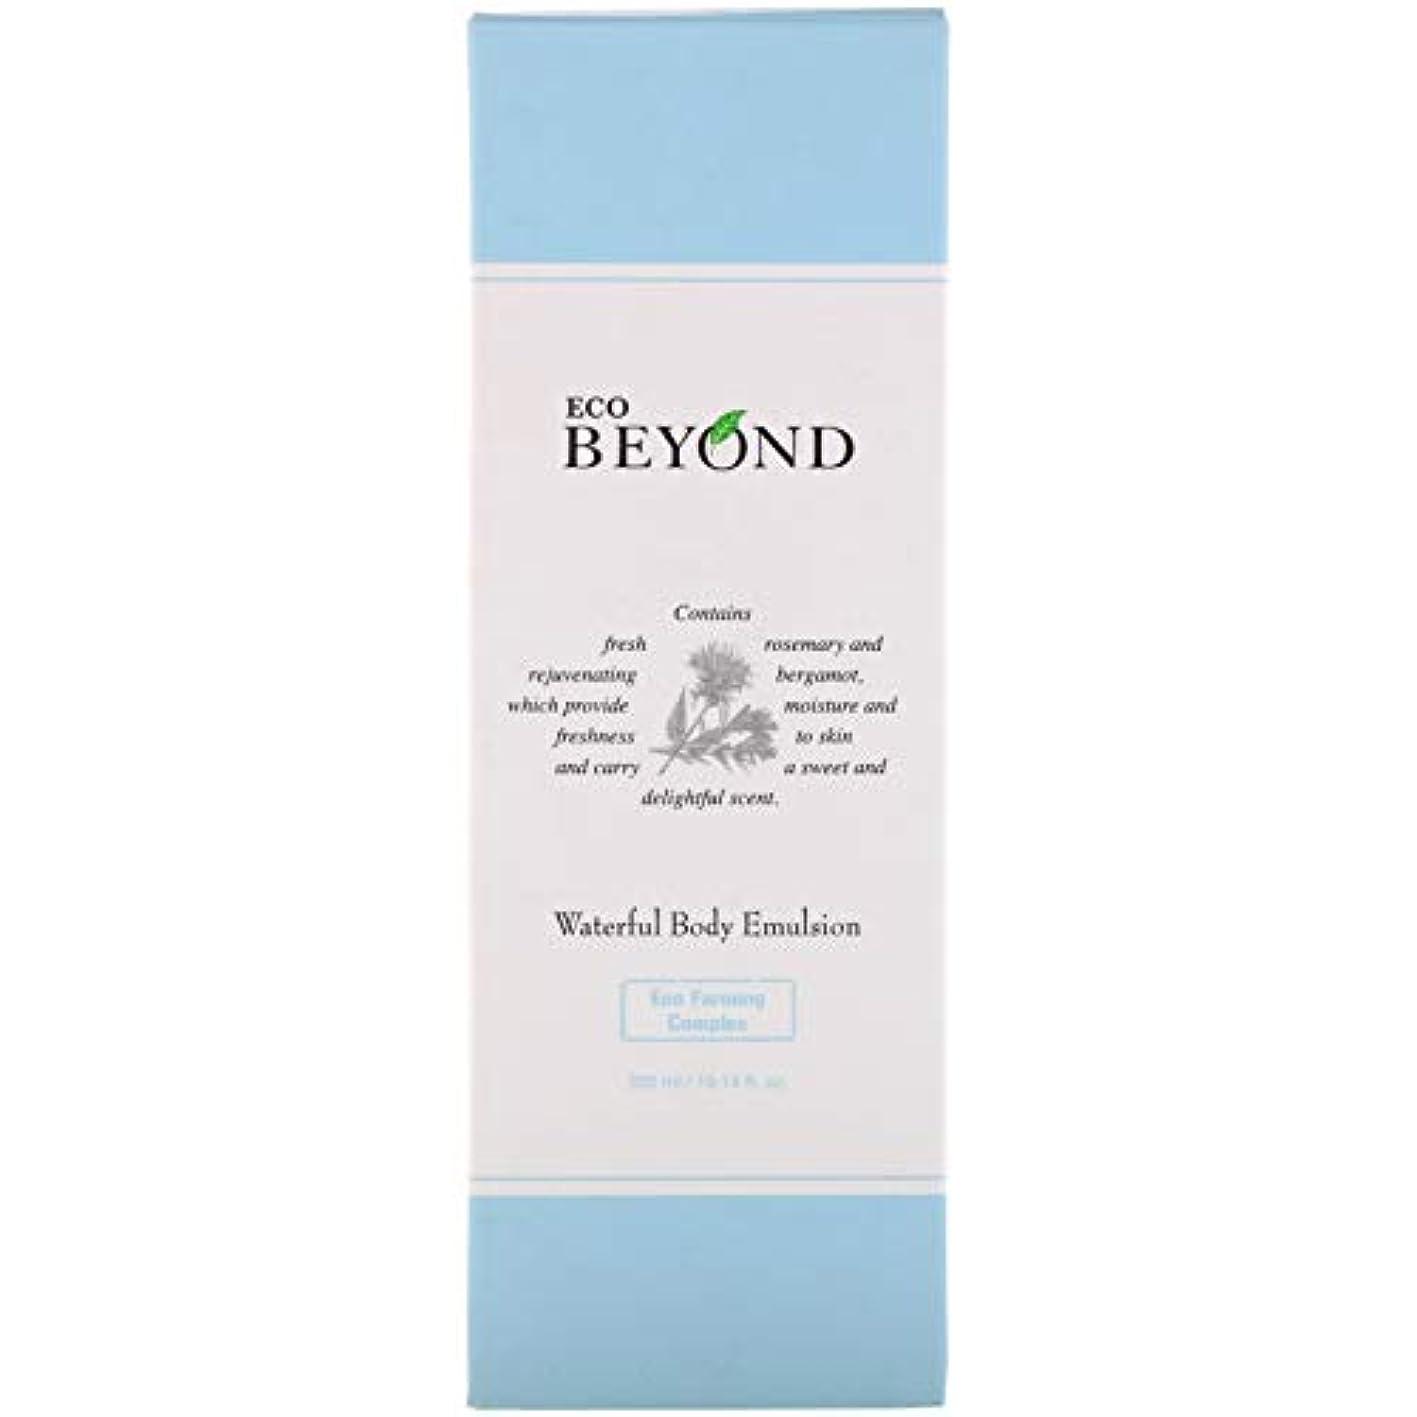 不潔高潔な北西[ビヨンド] BEYOND [ウォーターフル ボディ エマルジョン 300ml] Waterful Body Emulsion 300ml [海外直送品]